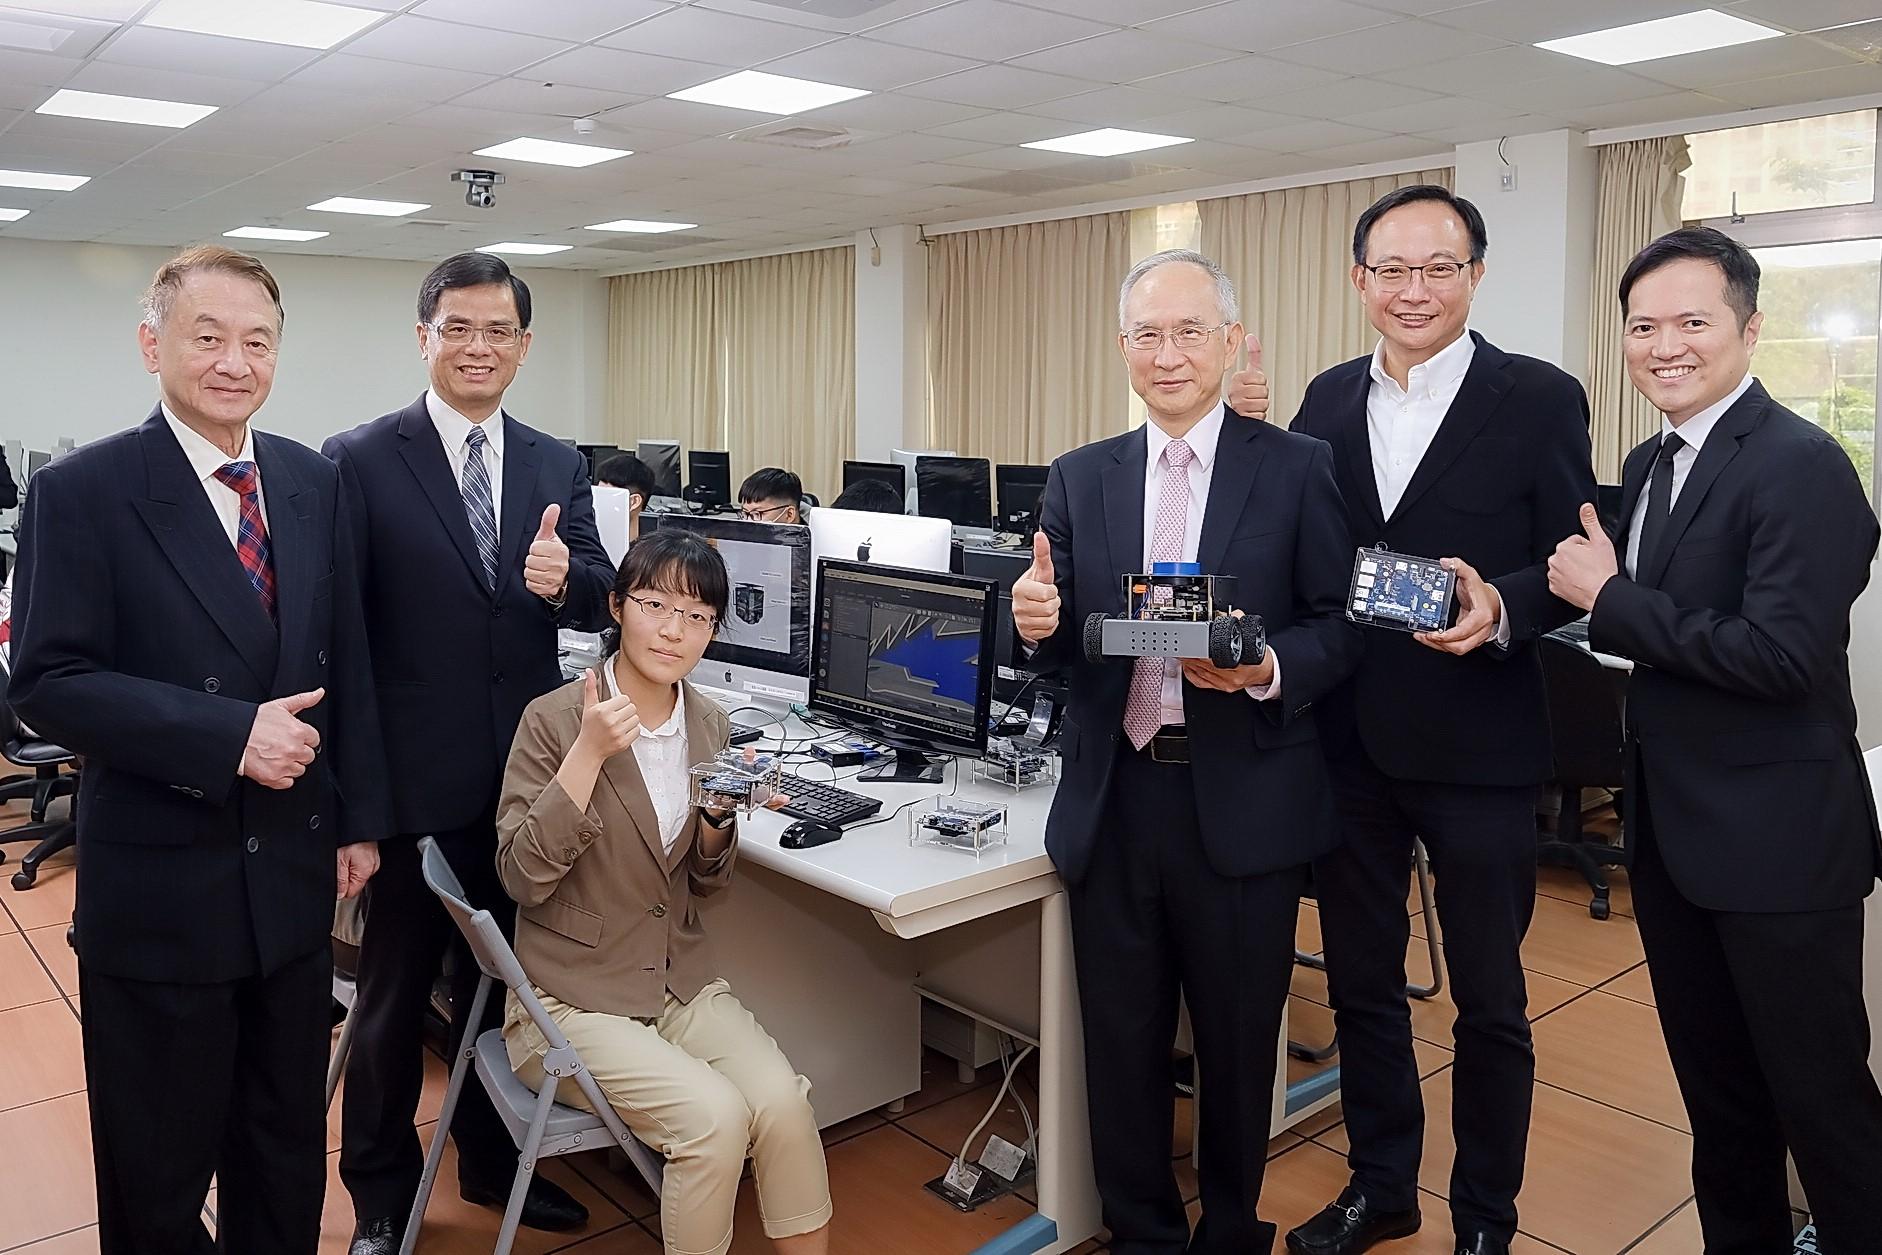 《中時新聞網》挺進5G+AI 中原偕英特爾、鴻海育專才 長庚攻智慧醫療平台